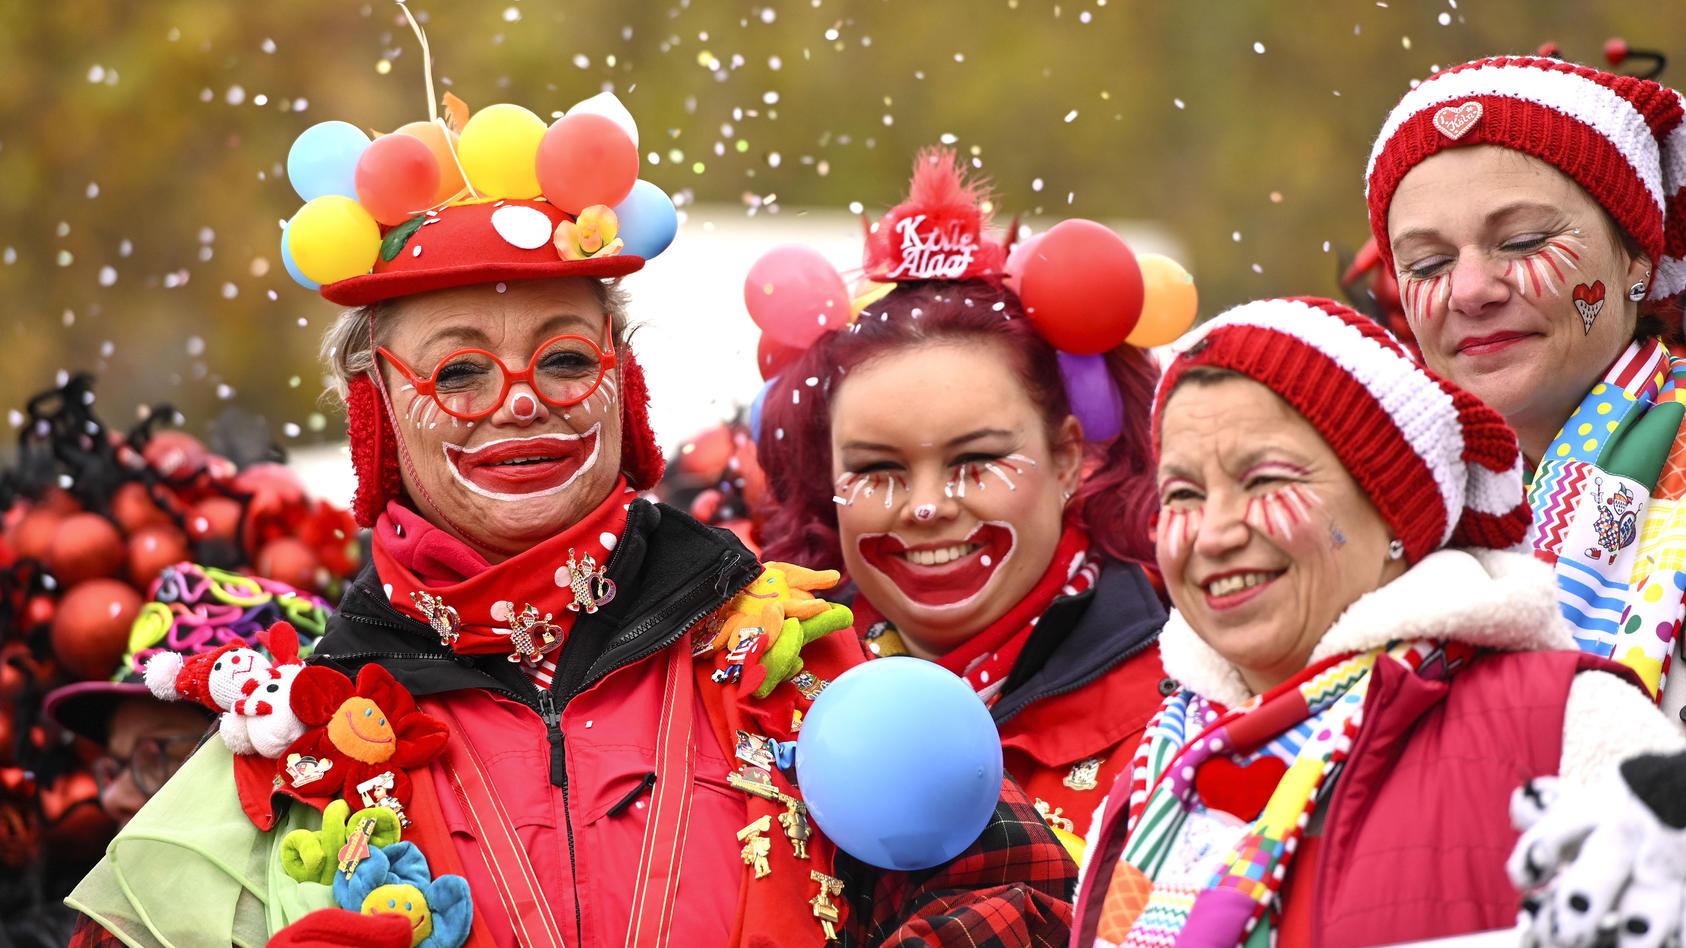 Karneval bedeutet: Viele Menschen auf engem Raum. Wird das durch das Coronavirus zum Problem?